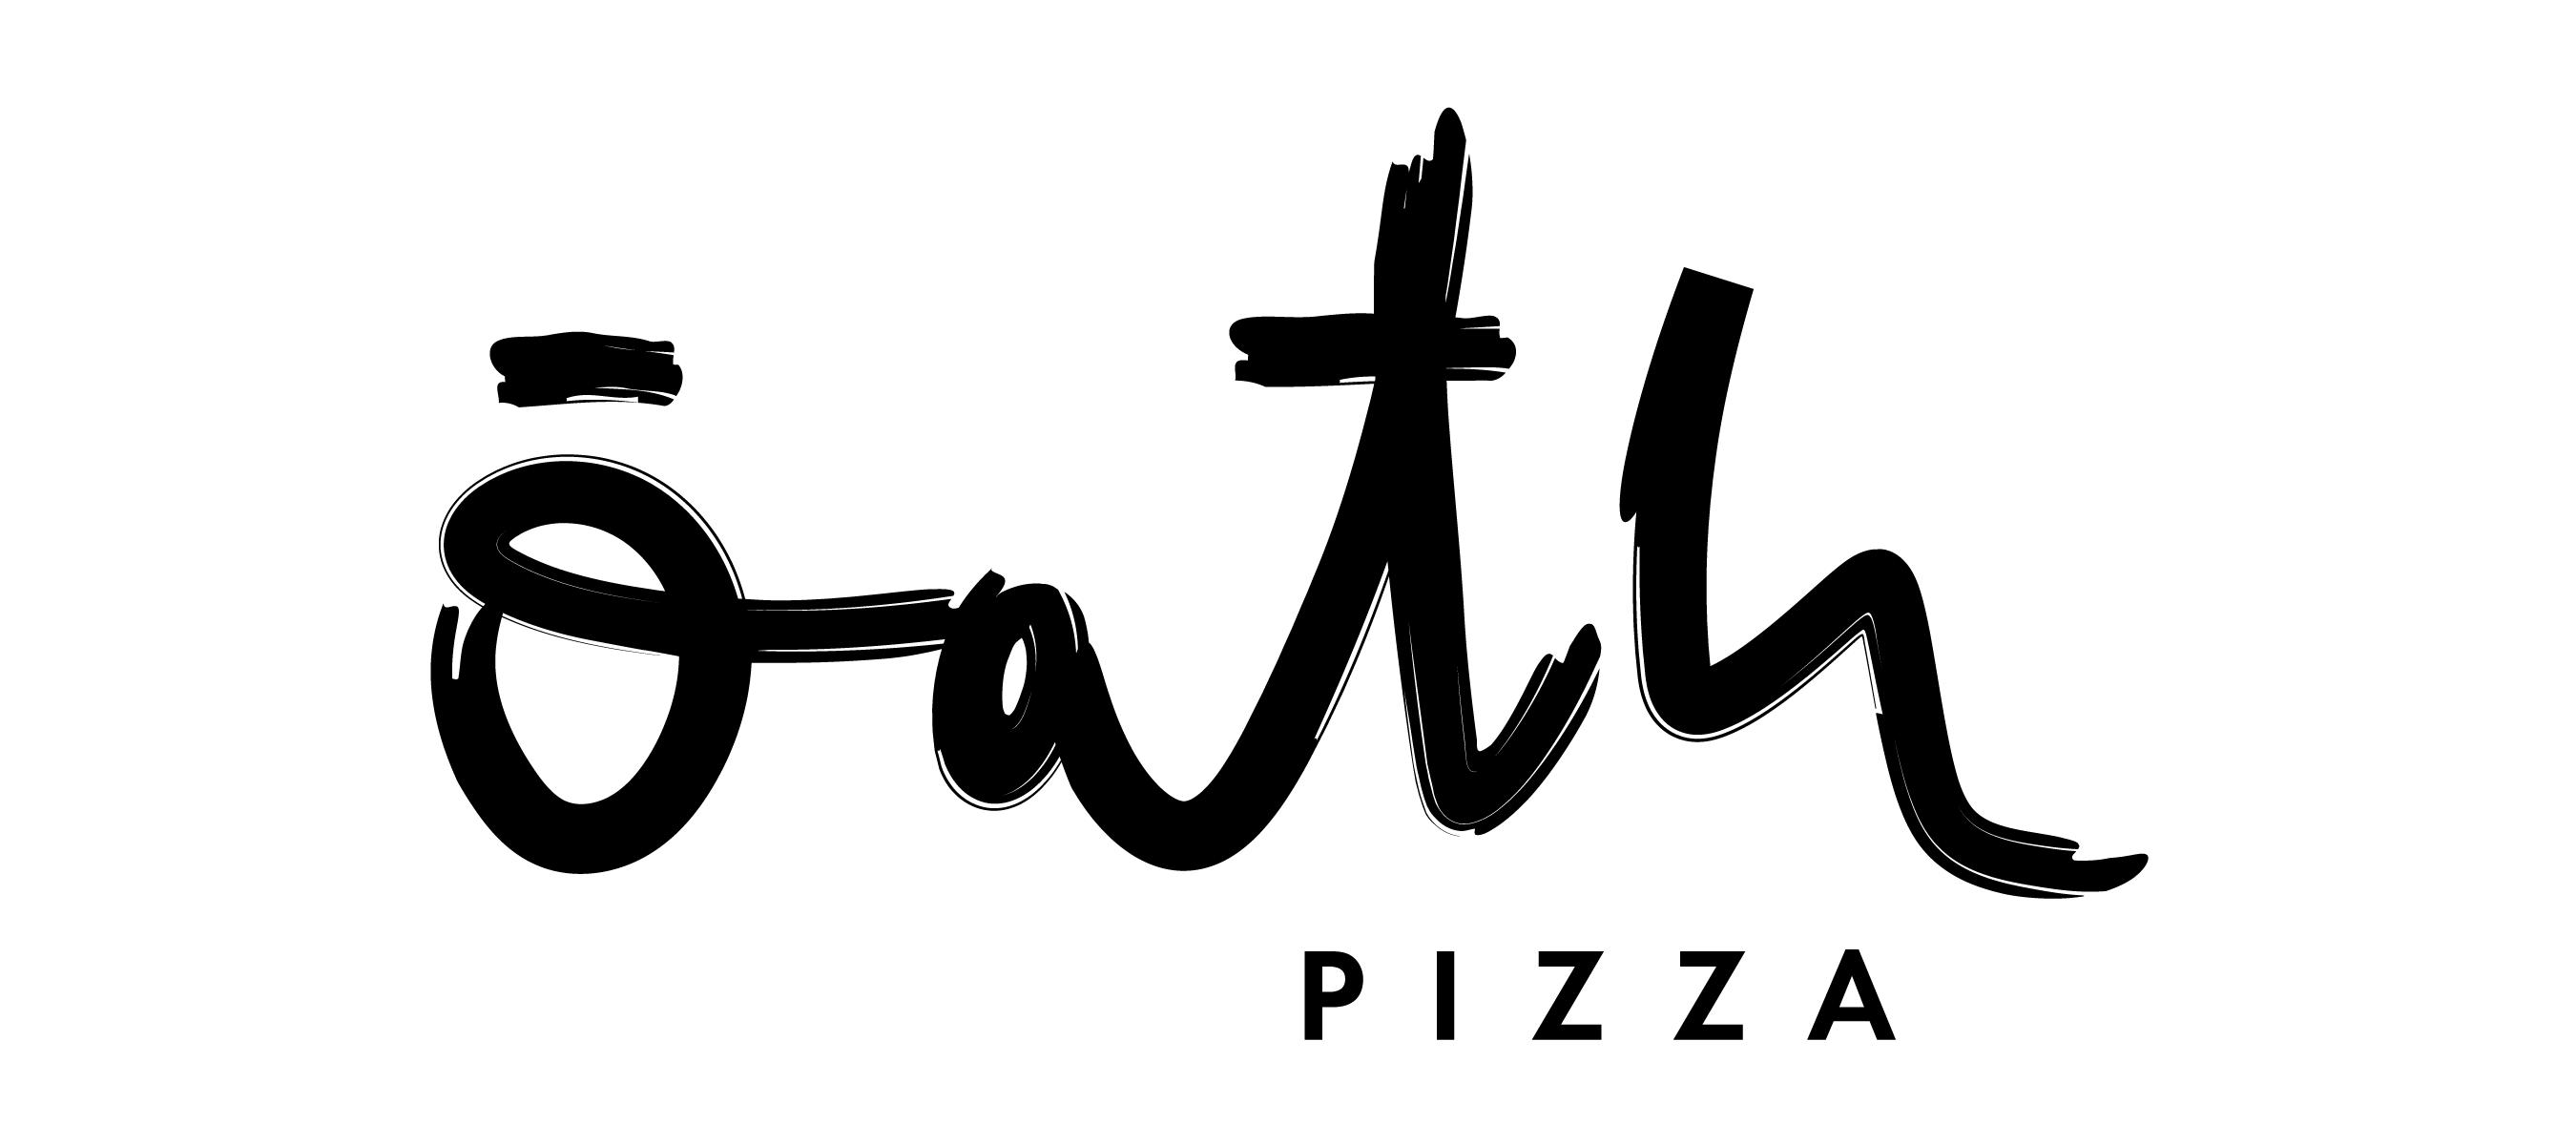 Oath Pizza company logo